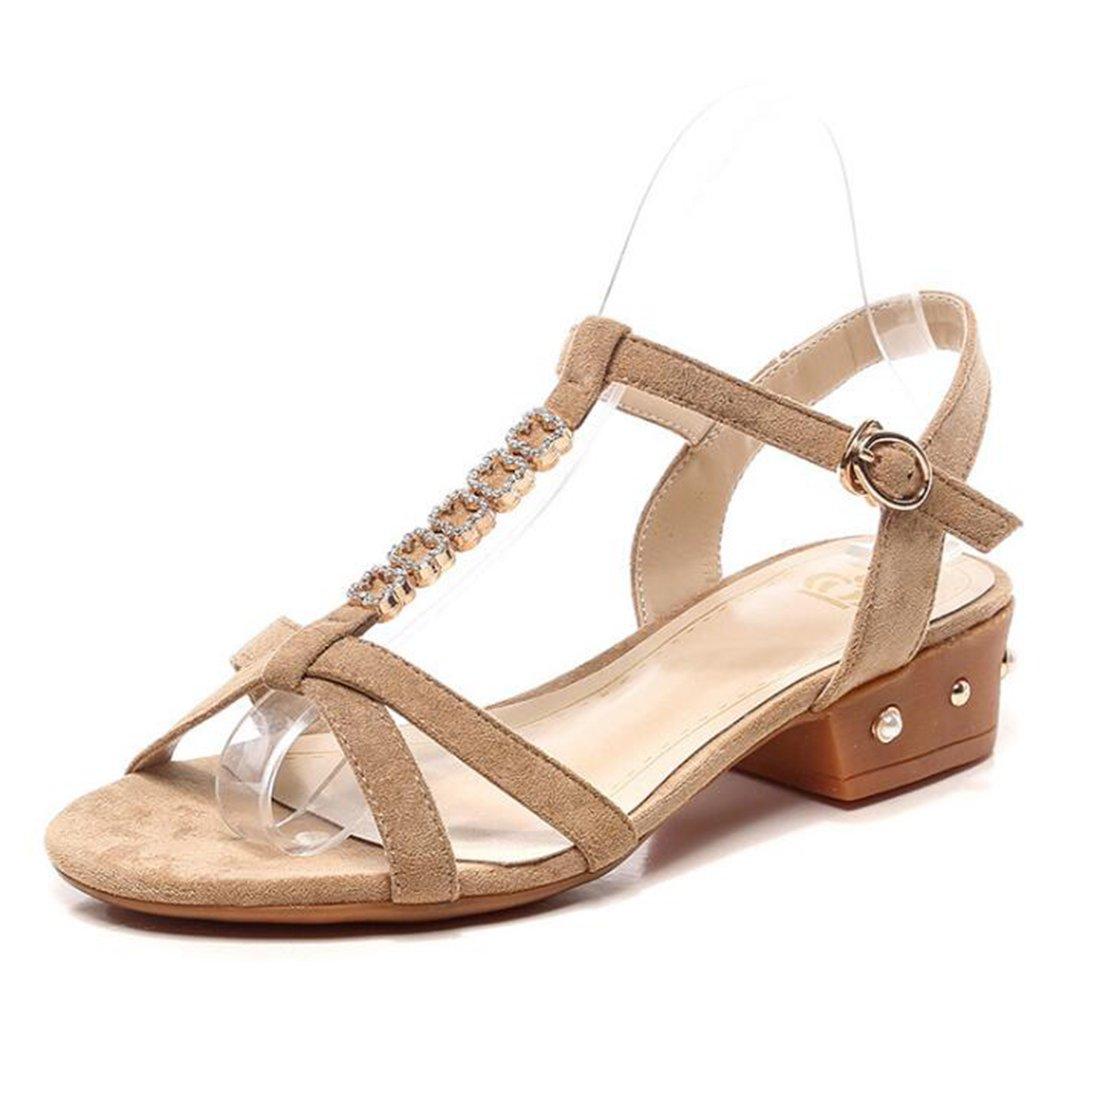 ZHONGST Frauen Sommer Strass Sandalen Casual Mode Wort Schnalle Sandalen  40 Apricot